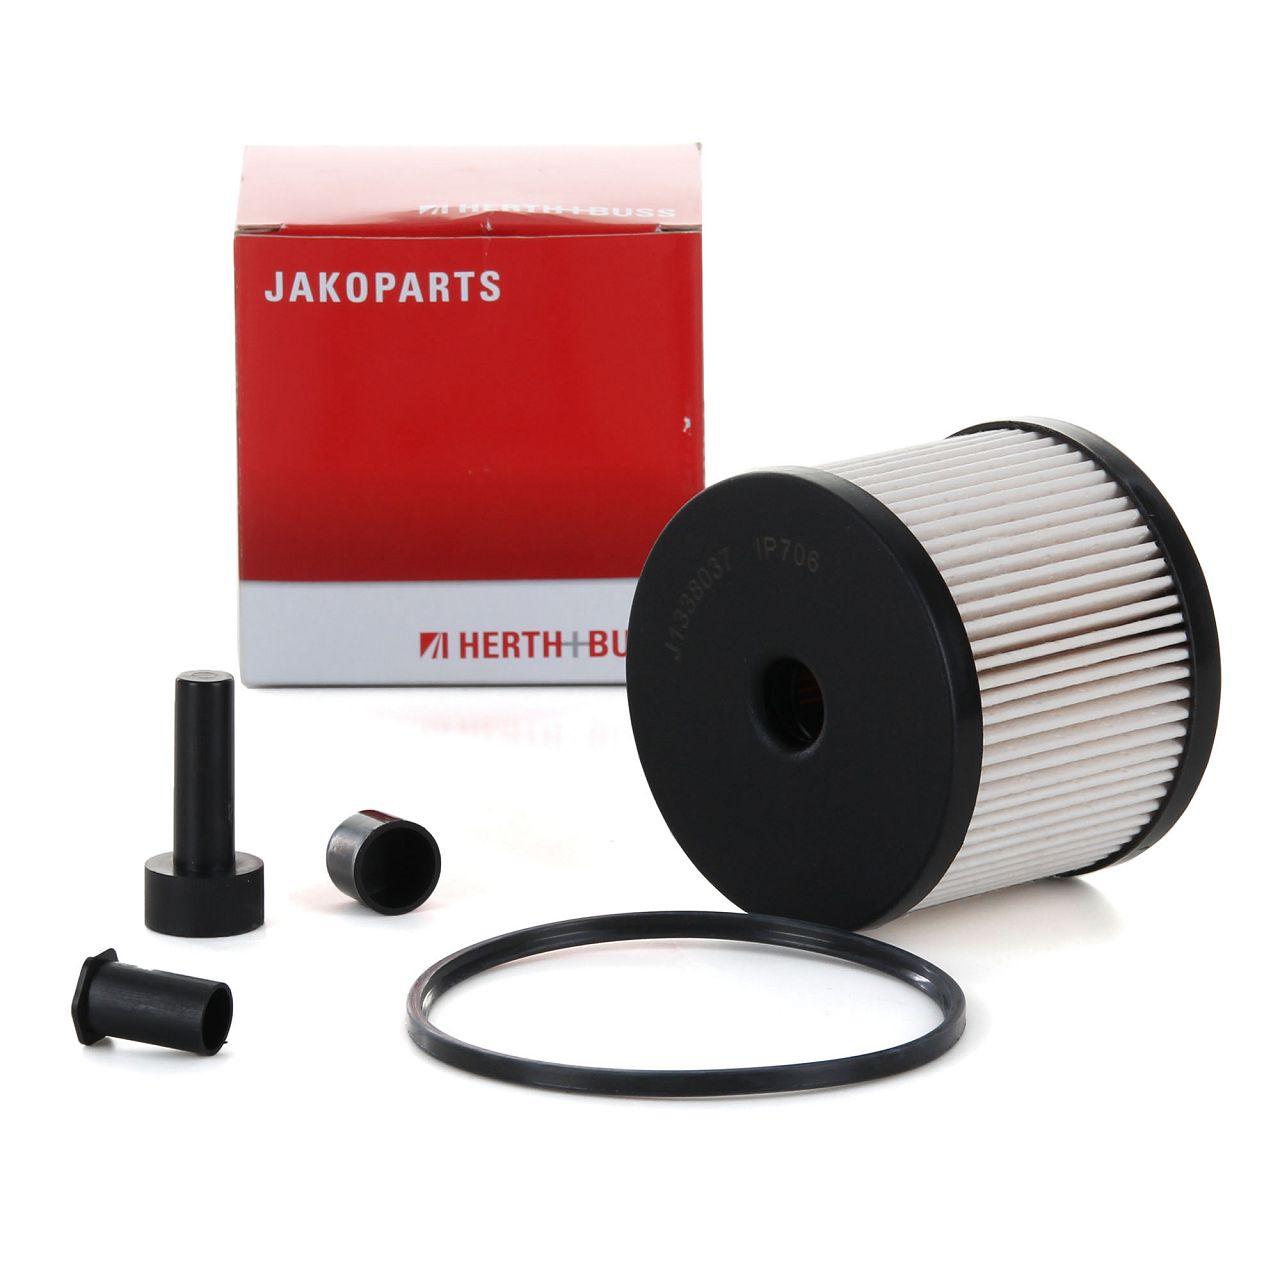 HERTH+BUSS JAKOPARTS Kraftstofffilter Dieselfilter für SUZUKI GRAND VITARA I